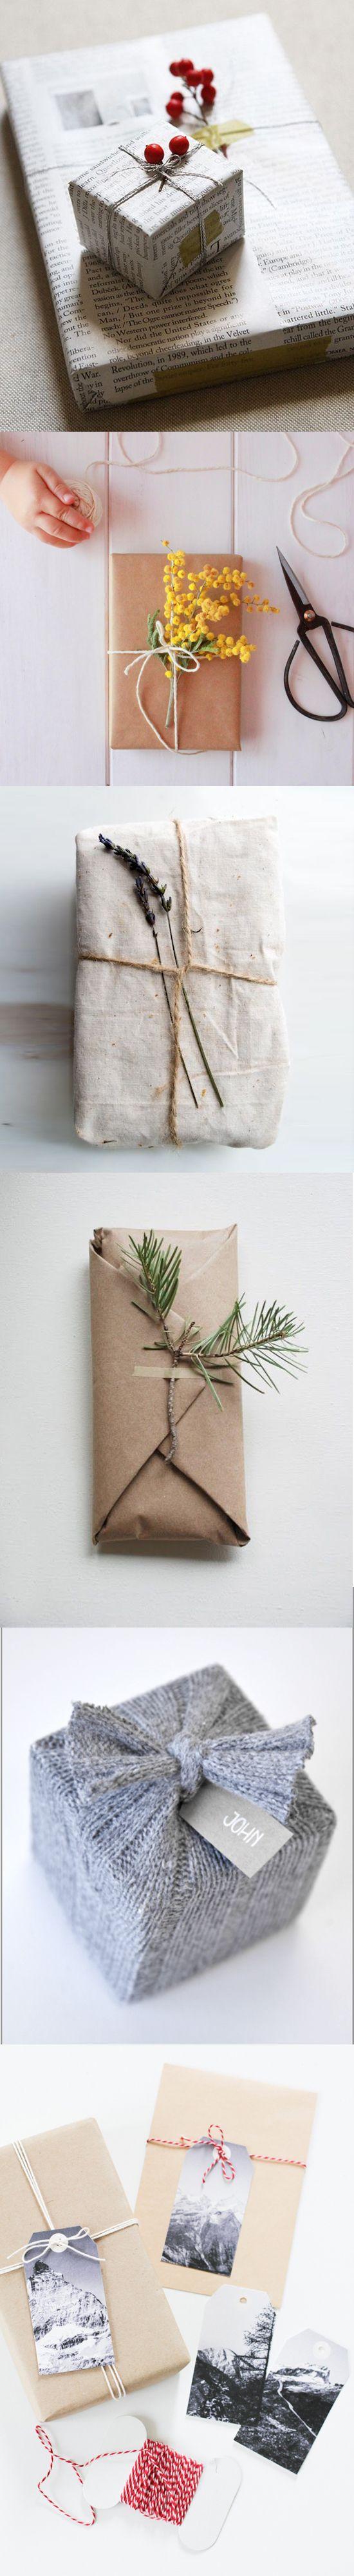 Cómo envolver #regalos de manera #eco para Navidad #xmas #zerowaste https://greenisawayoflife.wordpress.com/2016/12/15/como-envolver-regalos-de-manera-eco/